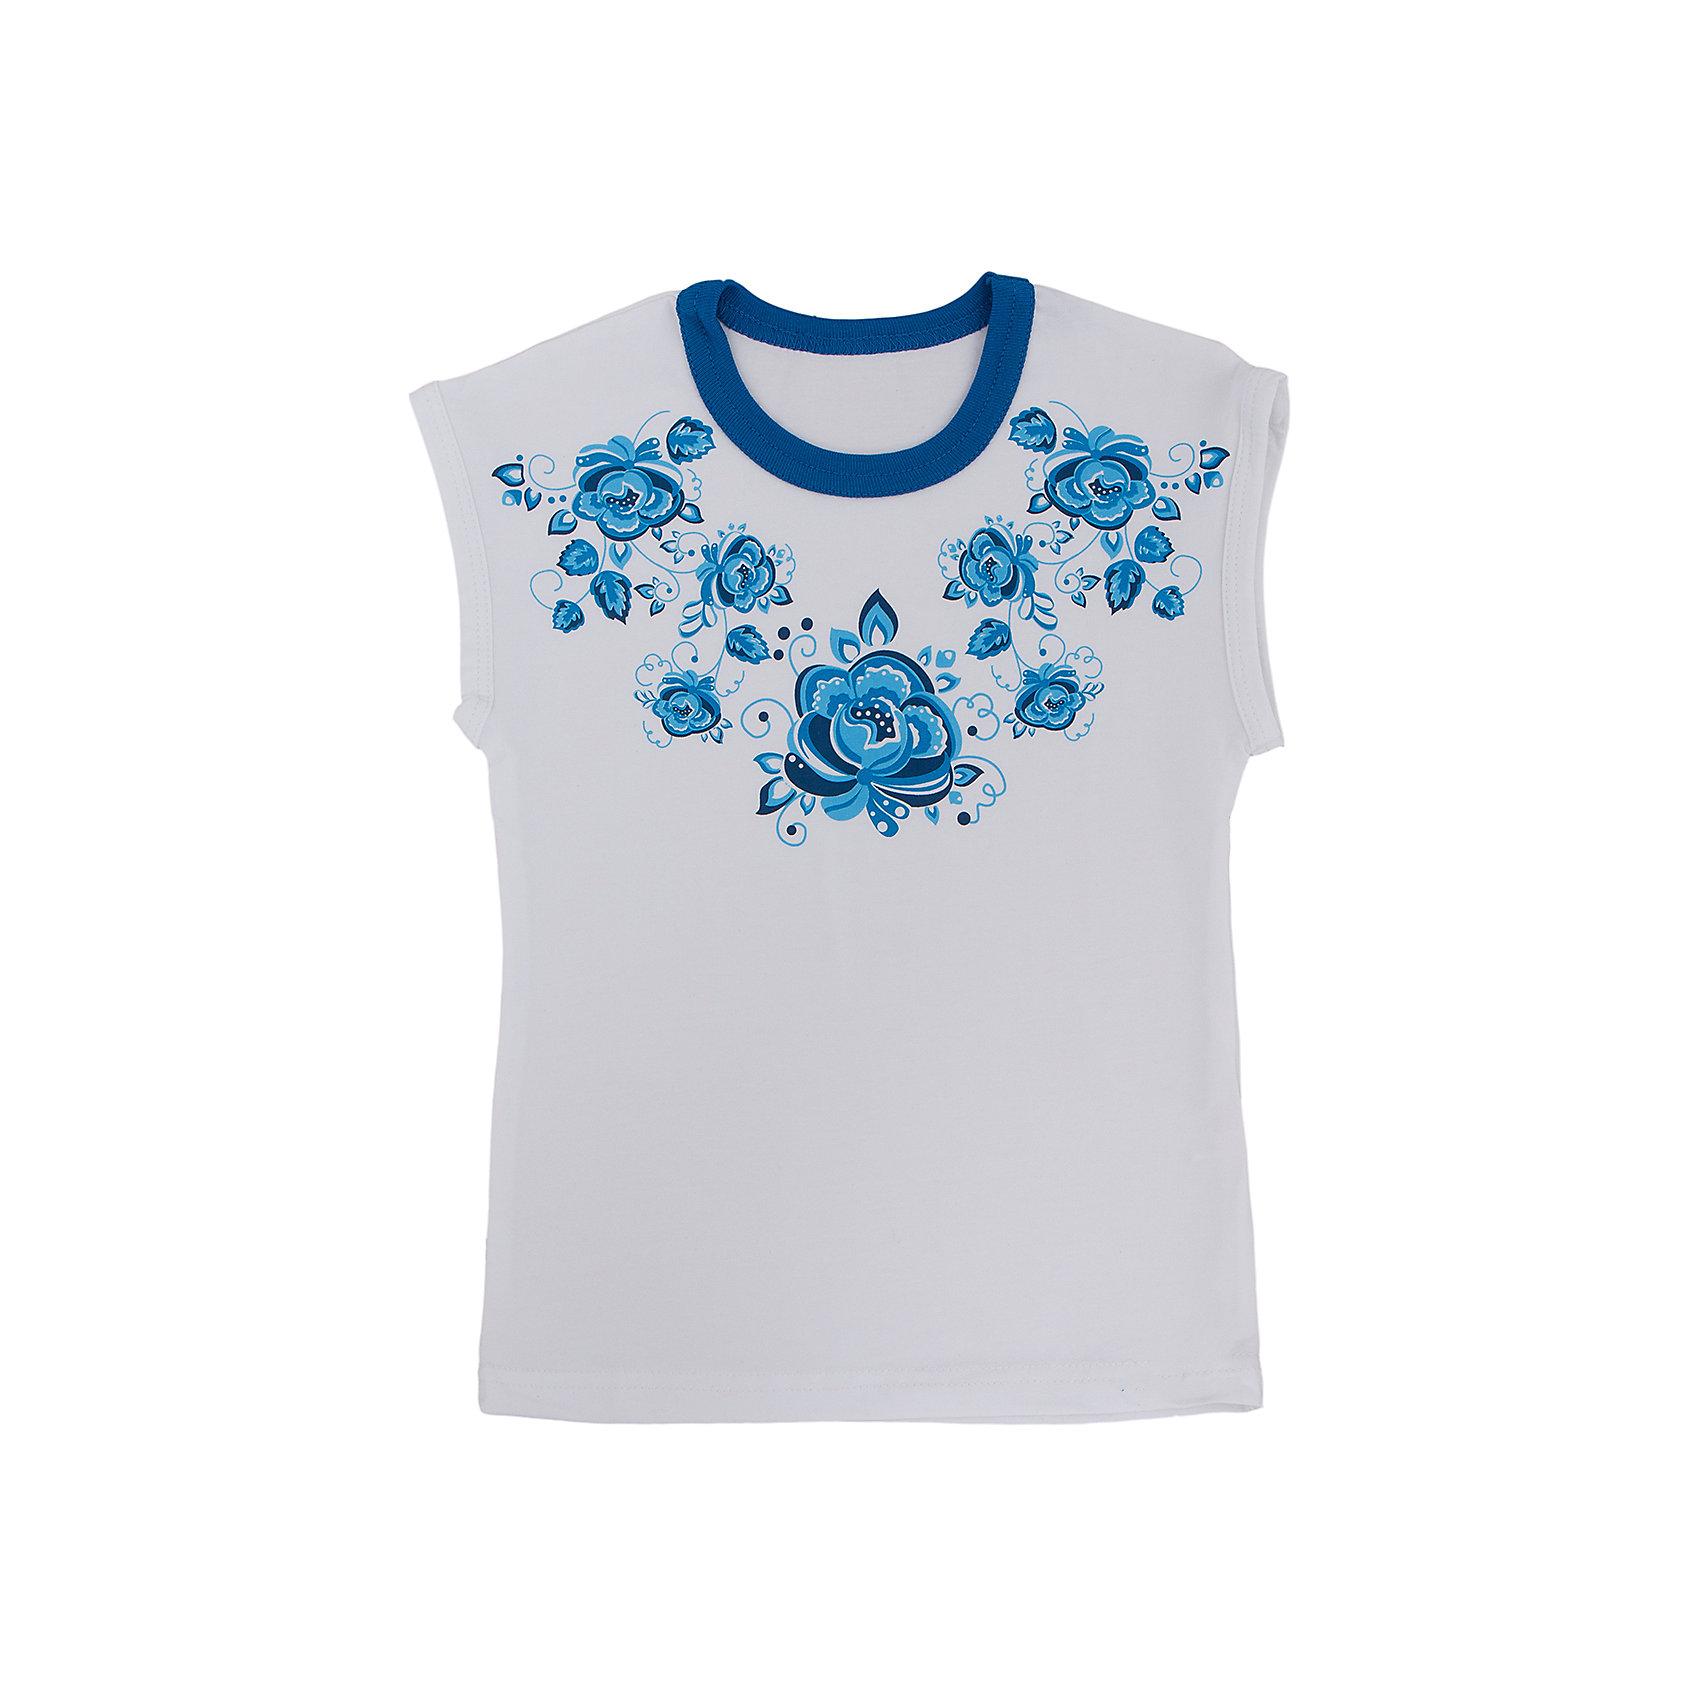 Футболка для девочки АпрельФутболки, поло и топы<br>Красивая футболка из мягкого хлопка. Приятная на ощупь, не сковывает движения, обеспечивая наибольший комфорт. Изделие без рукавов, с контрастной горловиной, украшено дизайнерским цветочным принтом. Отличный вариант для ежедневного использования! Состав: 92% хлопок, 8% лайкра<br><br>Ширина мм: 190<br>Глубина мм: 74<br>Высота мм: 229<br>Вес г: 236<br>Цвет: белый<br>Возраст от месяцев: 18<br>Возраст до месяцев: 24<br>Пол: Женский<br>Возраст: Детский<br>Размер: 92,104,98,116,110,122,128<br>SKU: 4630438